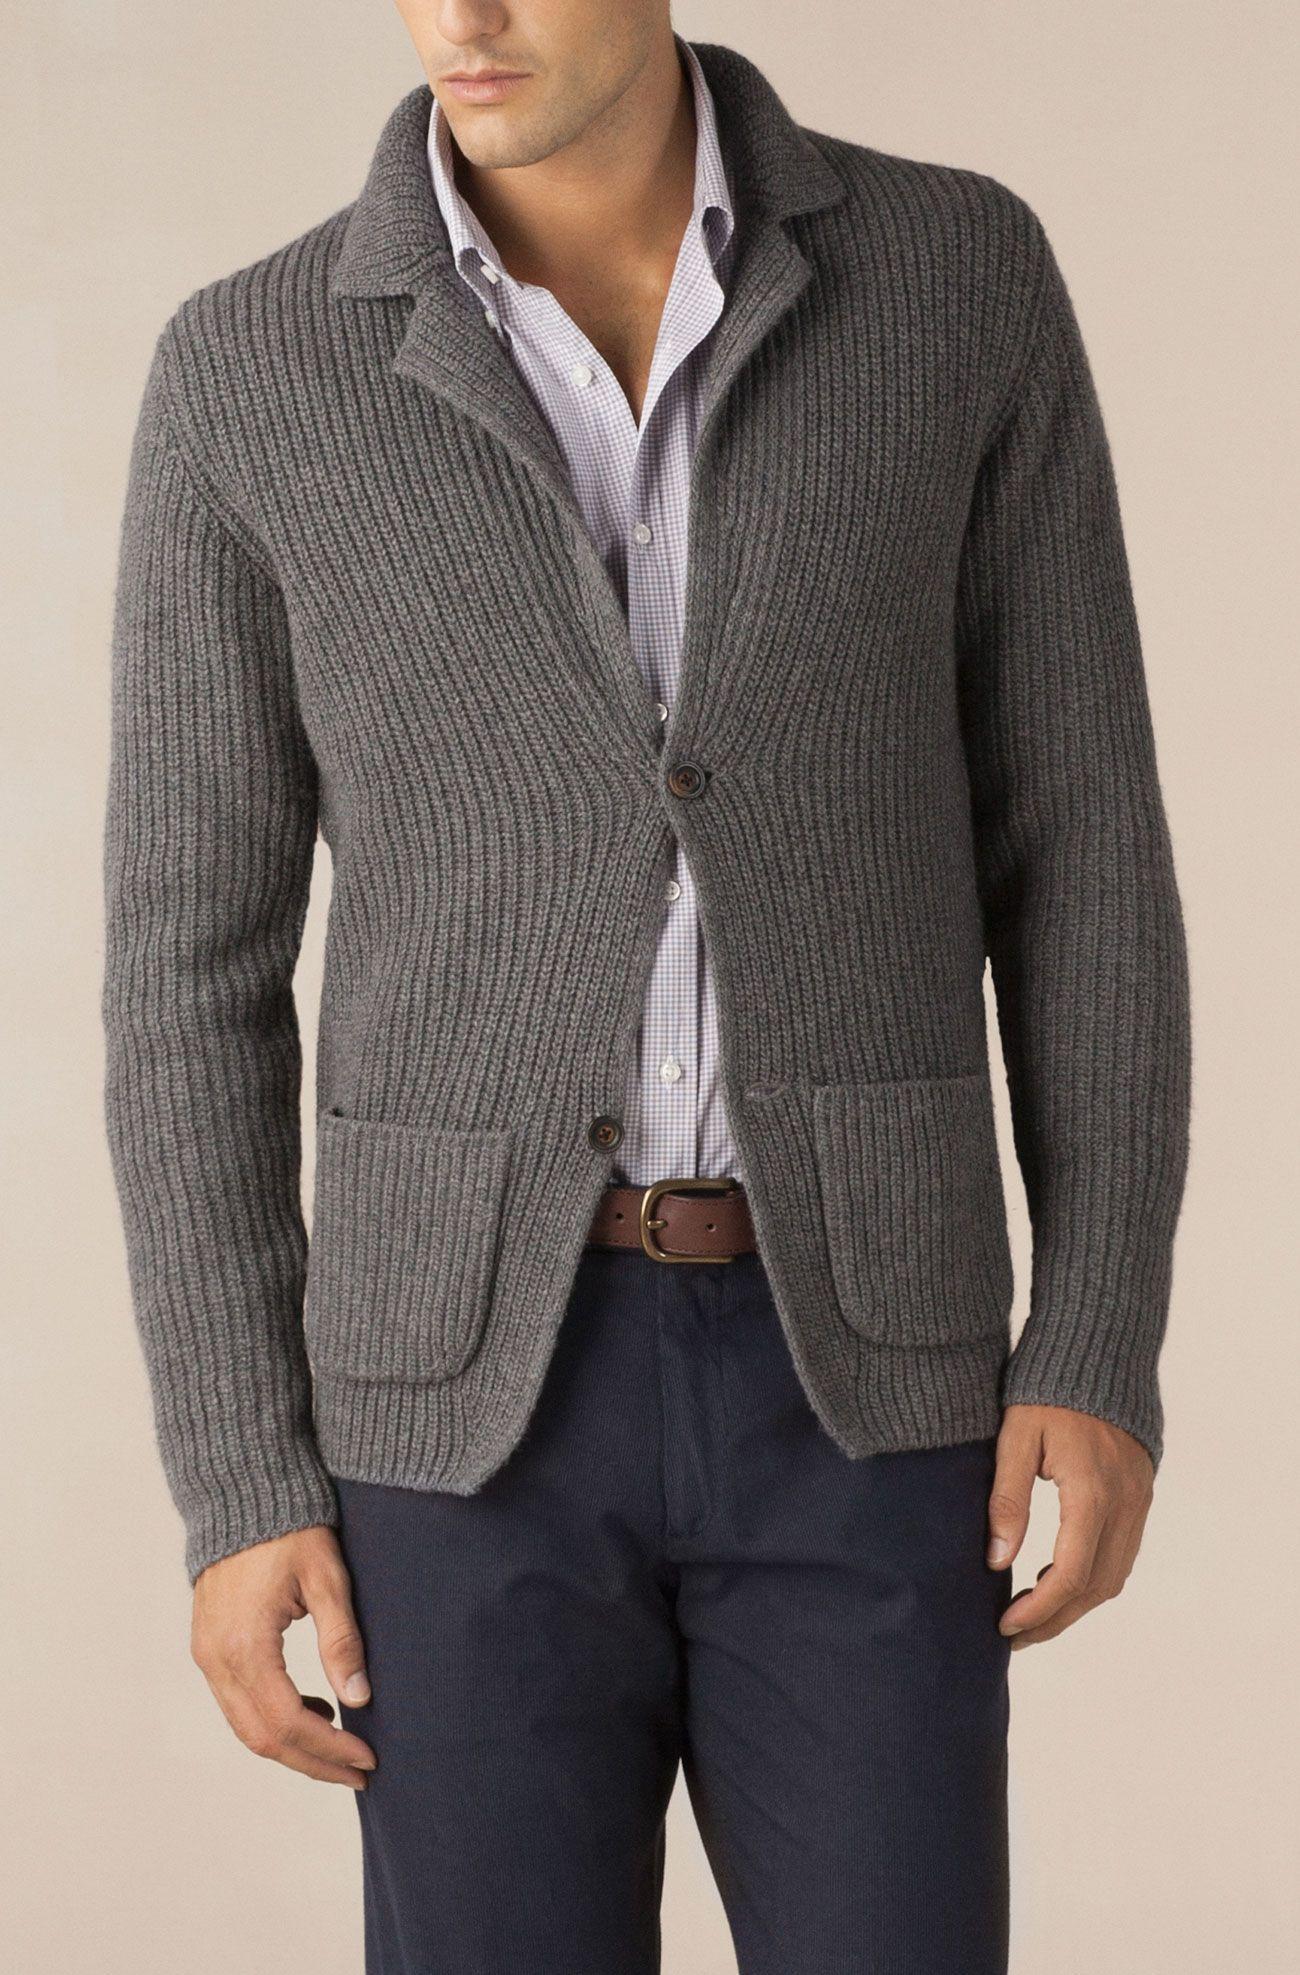 вязаный пиджак | вязание | Hand knitting, Knitting и Men ...